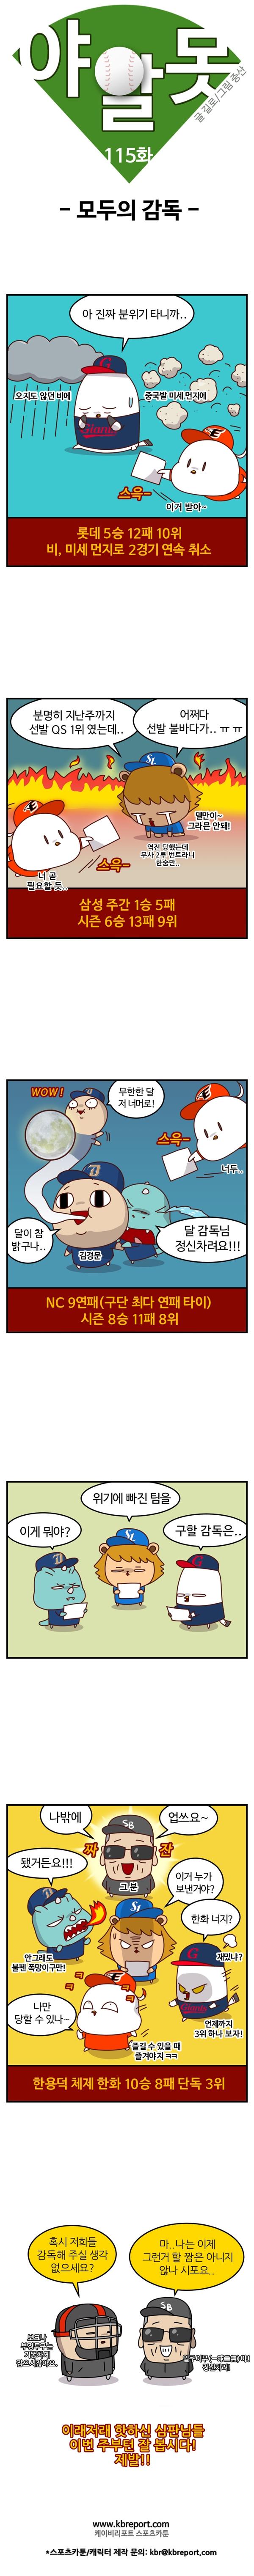 [프로야구 카툰] 야알못 115화: 모두의 감독